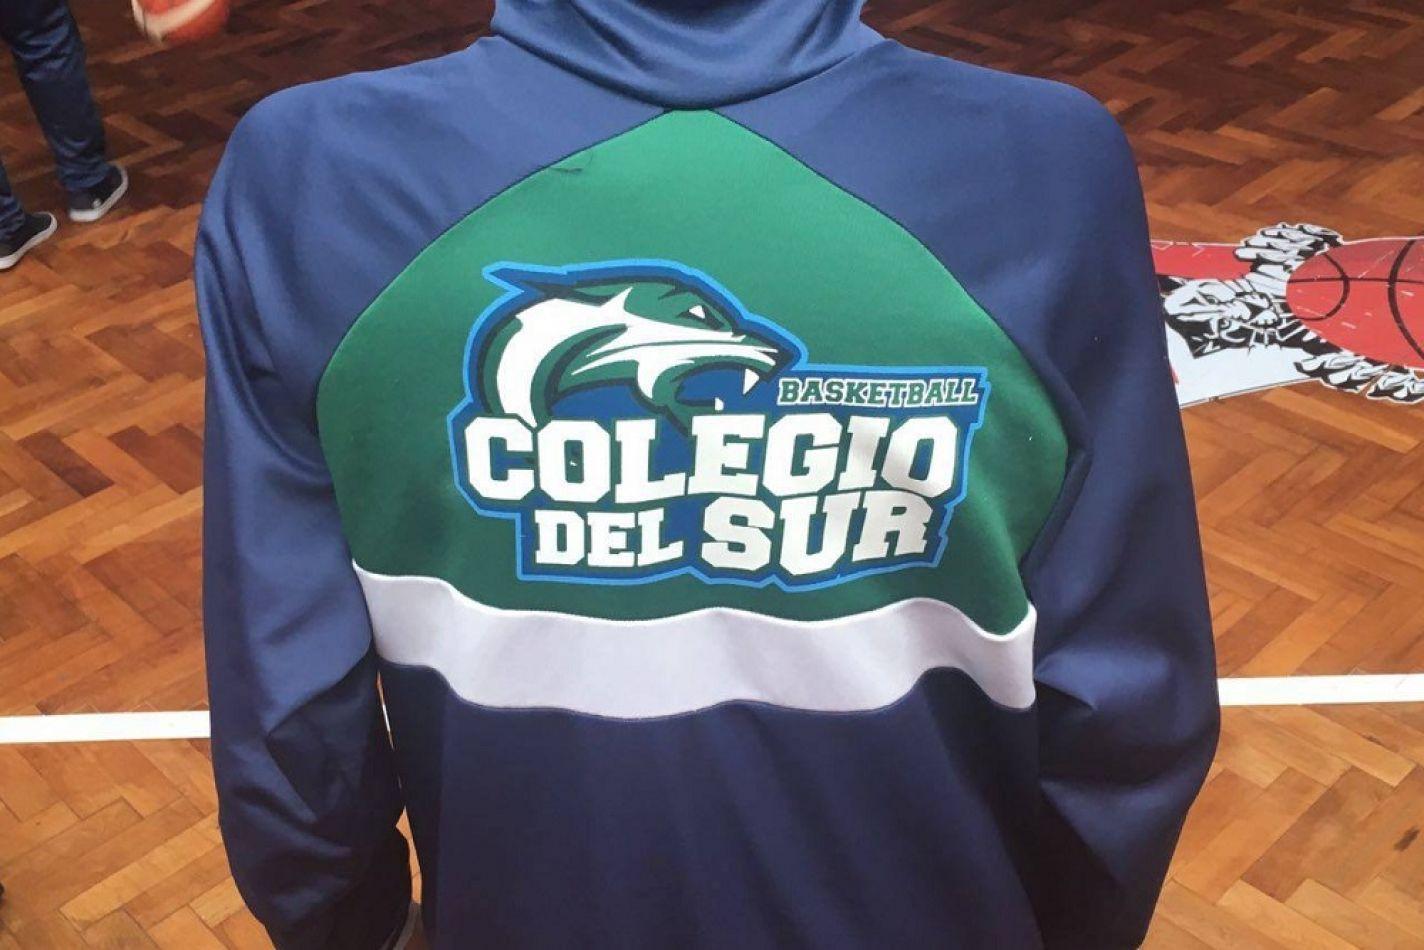 La delegación de la Asociación Civil Colegio del Sur, viajará a representar a los fueguinos.